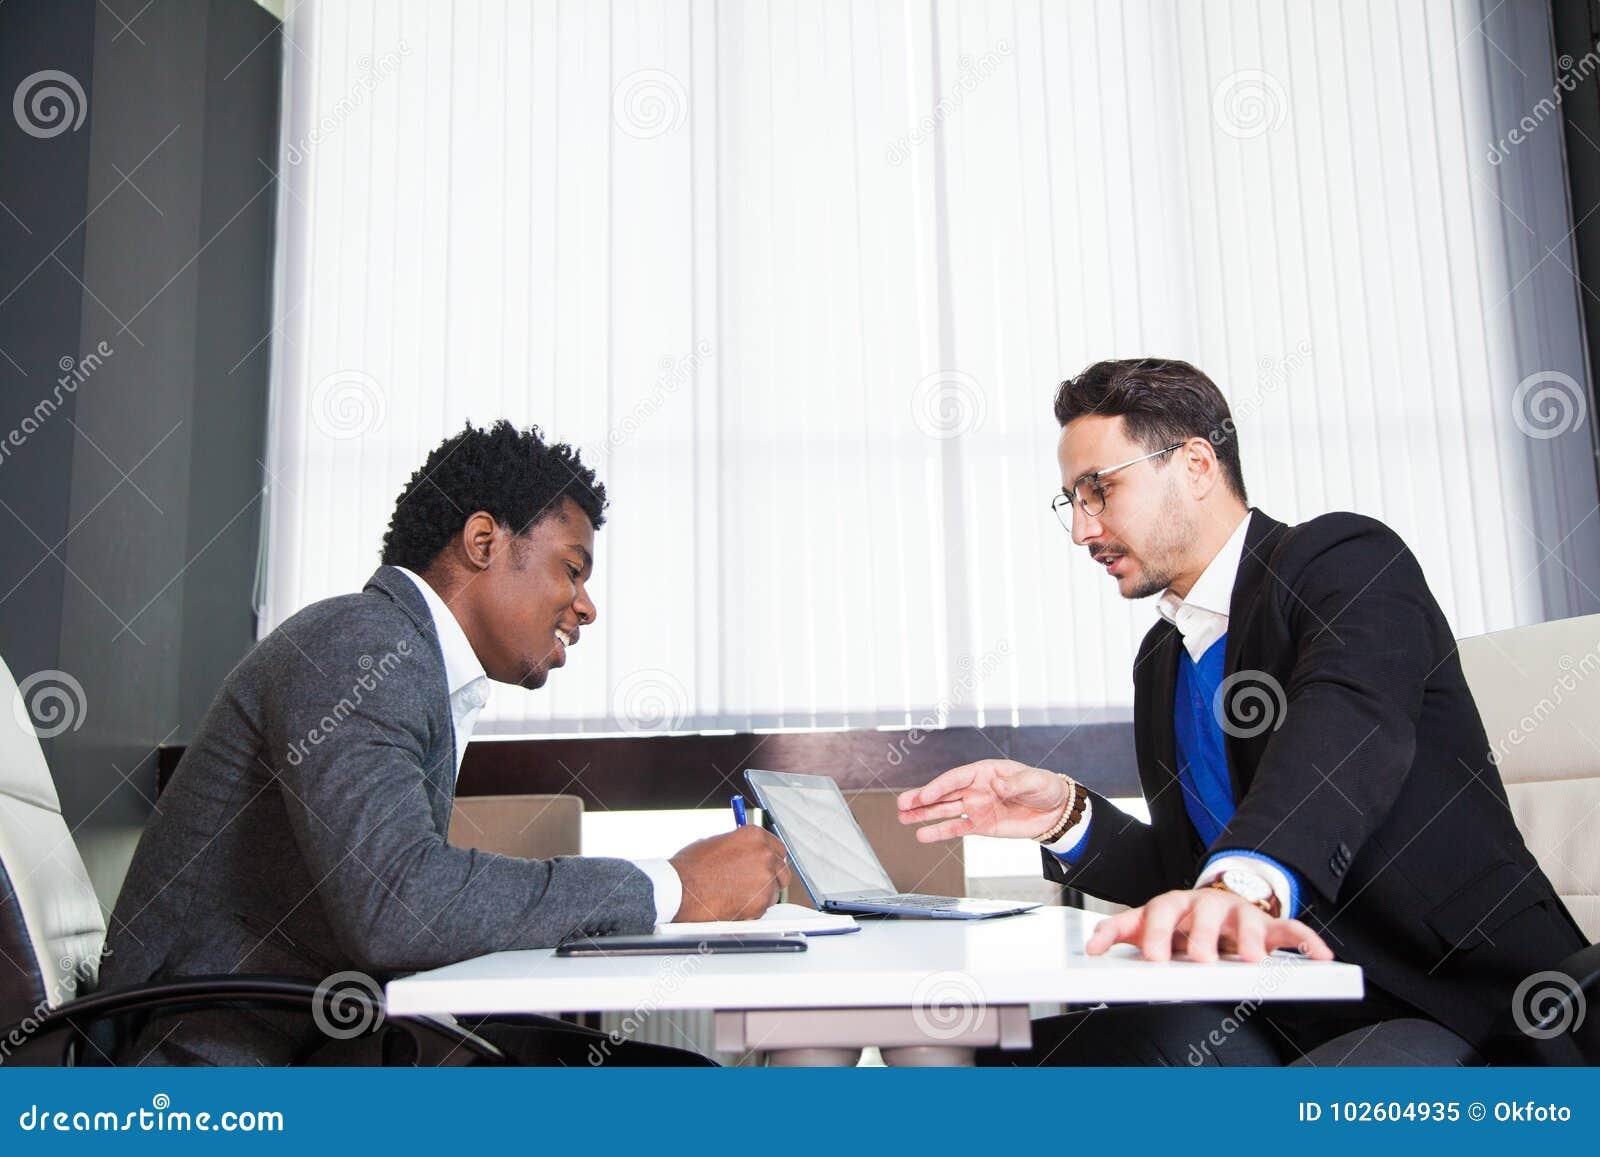 Två unga affärsmän, vitt skrivbord, jobbintervju, teamwork